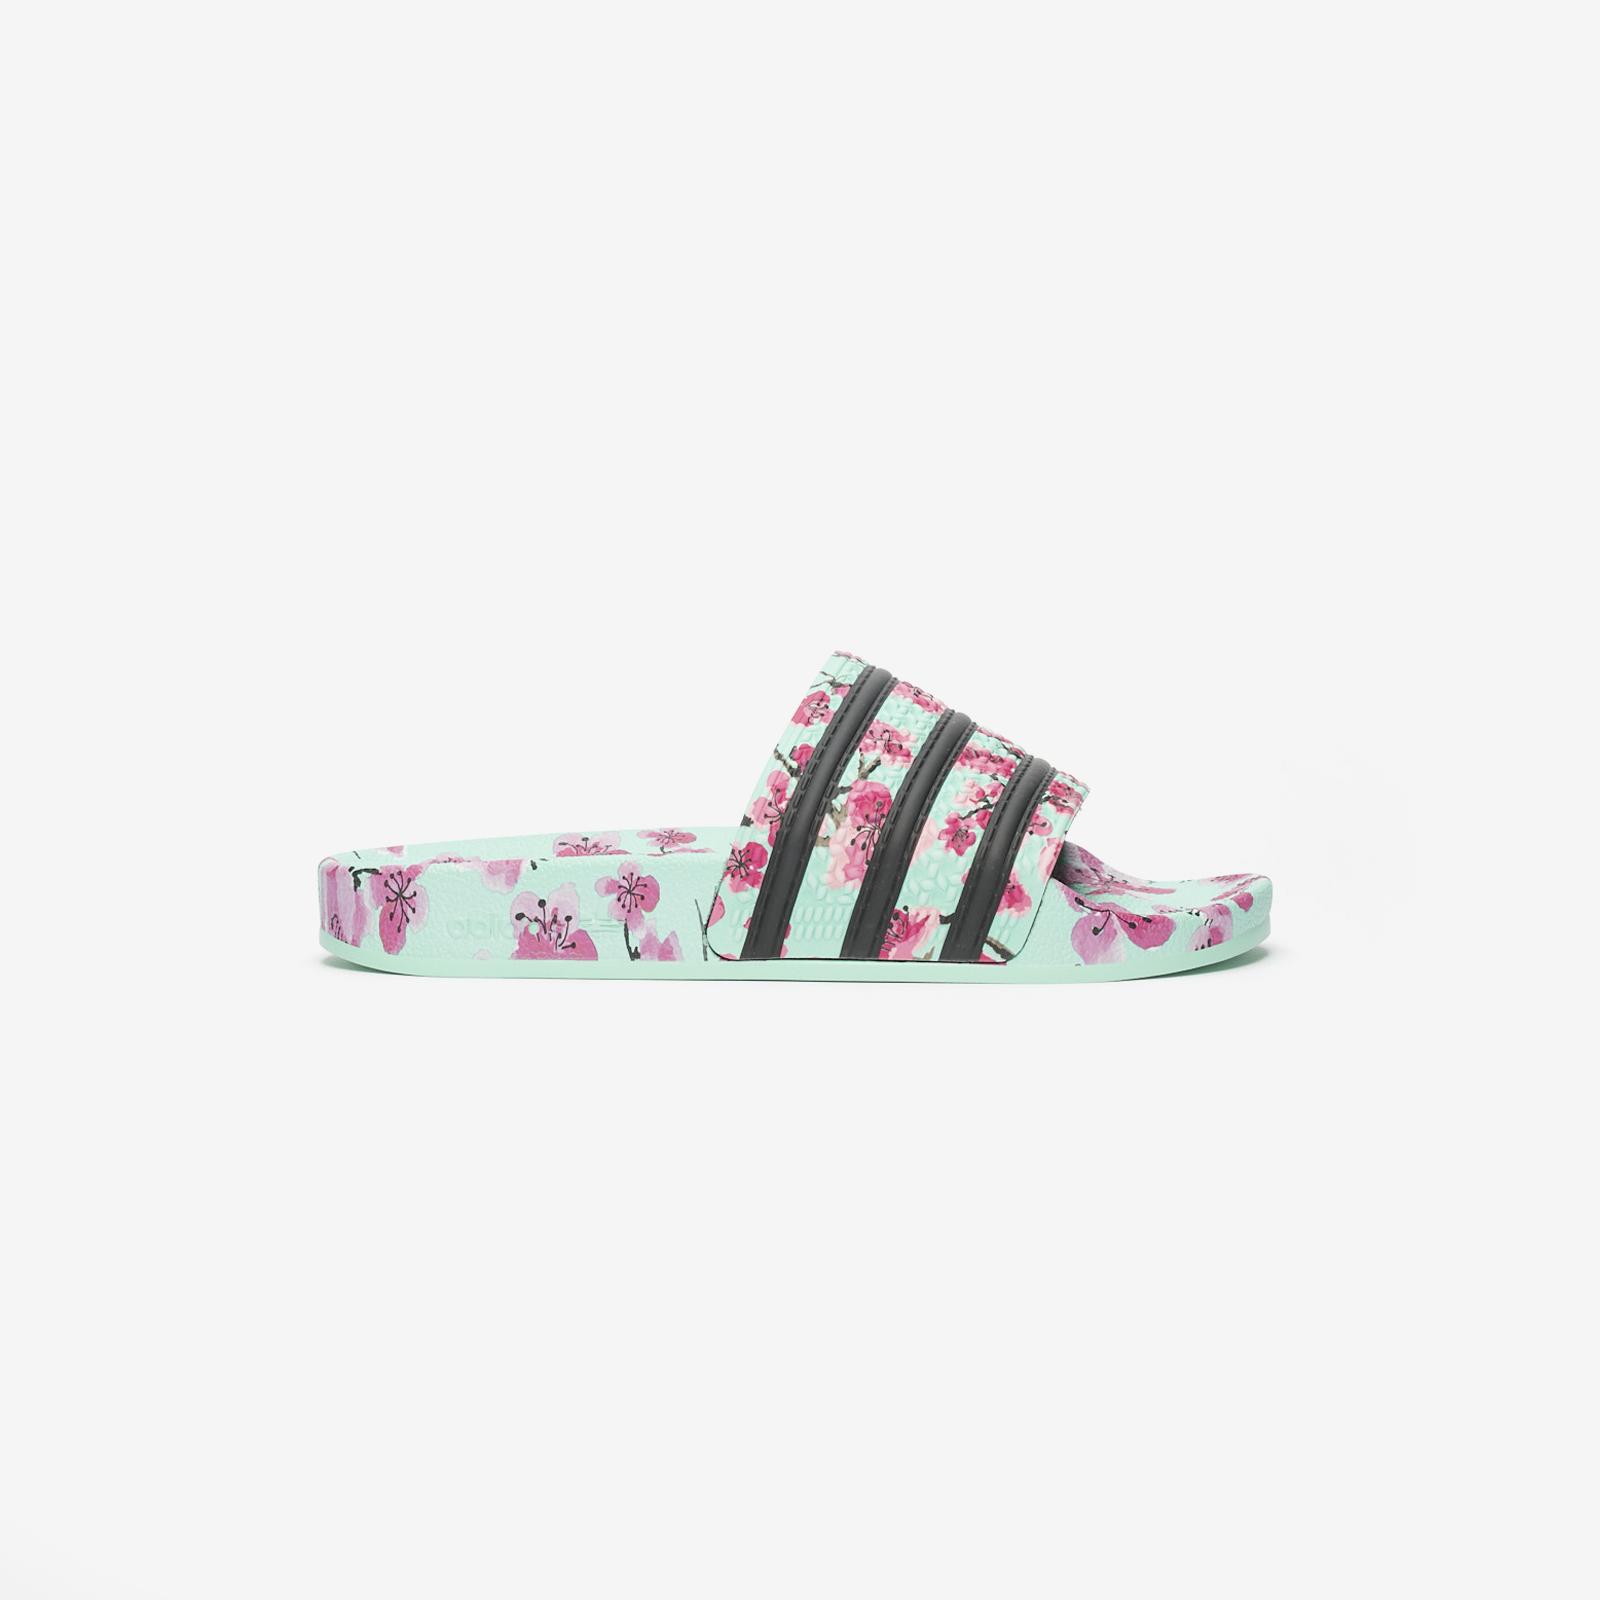 adidas Adilette x AriZona Fv2720 Sneakersnstuff I